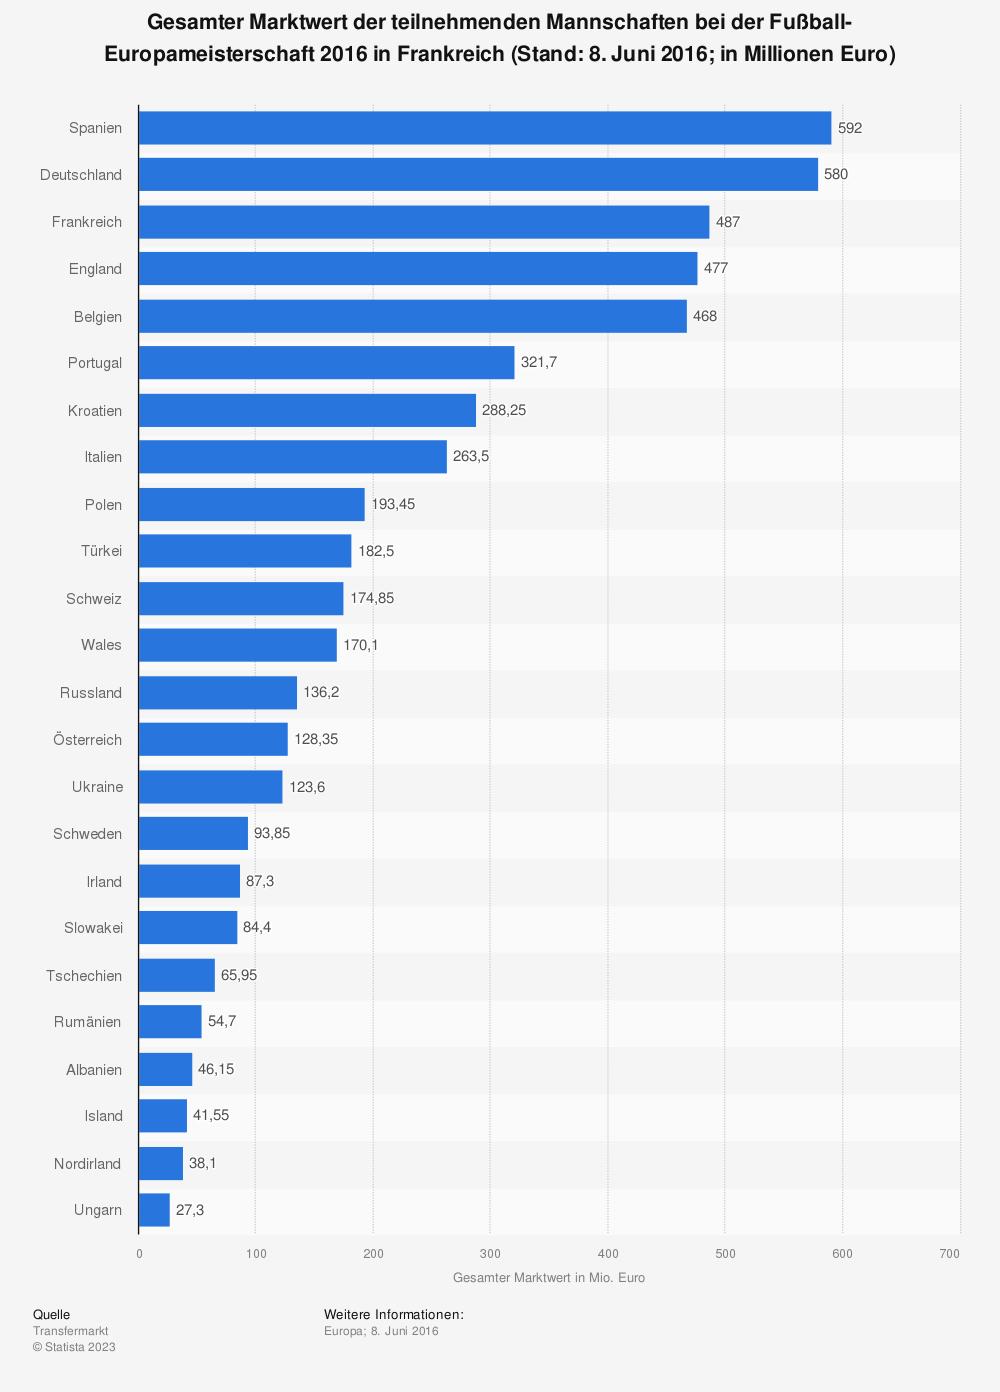 Statistik: Gesamter Marktwert der teilnehmenden Mannschaften bei der Fußball-Europameisterschaft 2016 in Frankreich (Stand: 8. Juni 2016; in Millionen Euro) | Statista